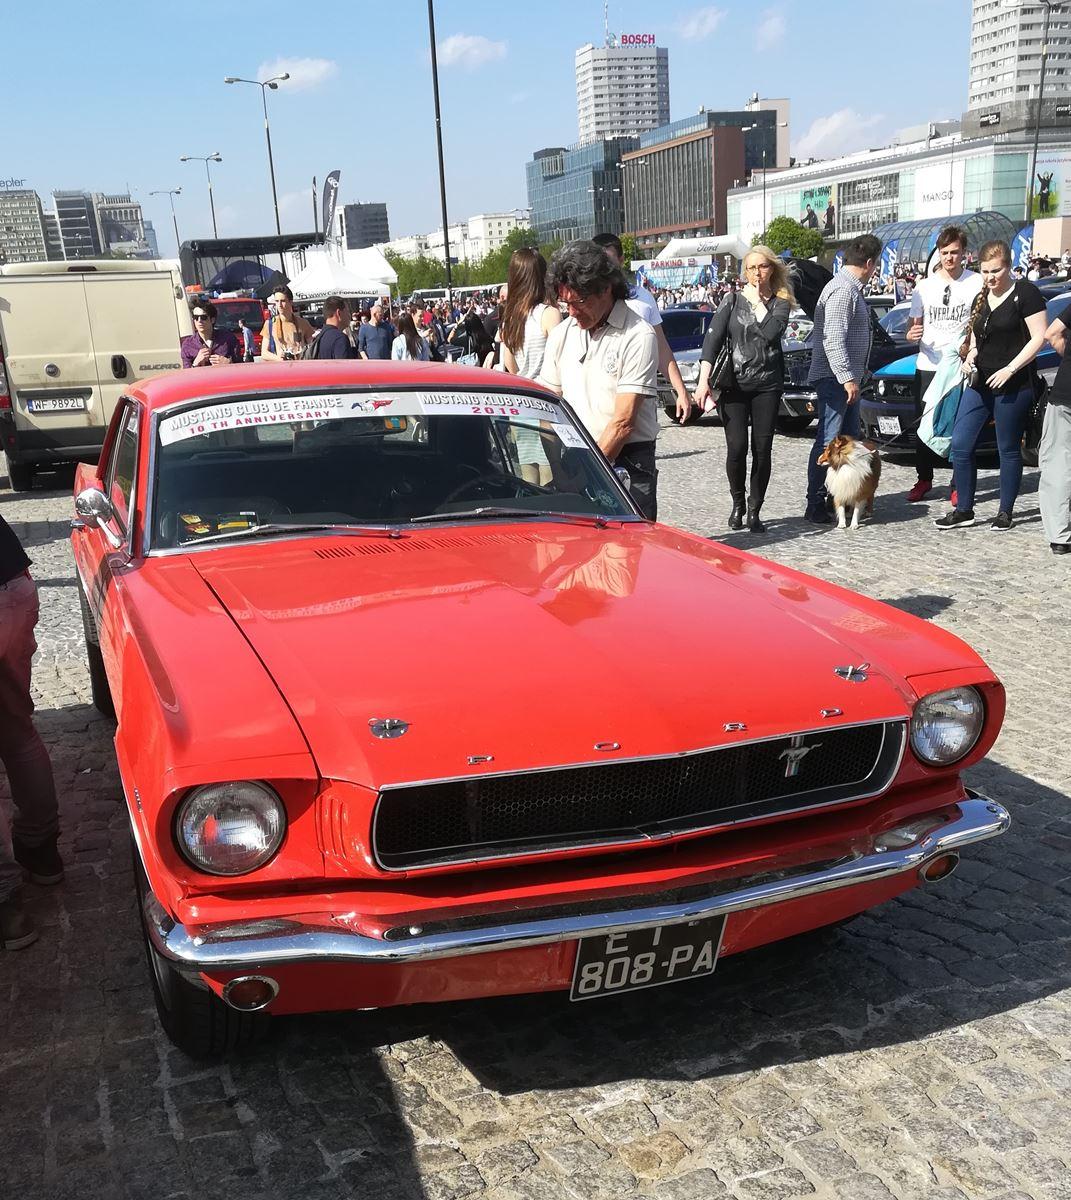 Mustang-Zlot-18